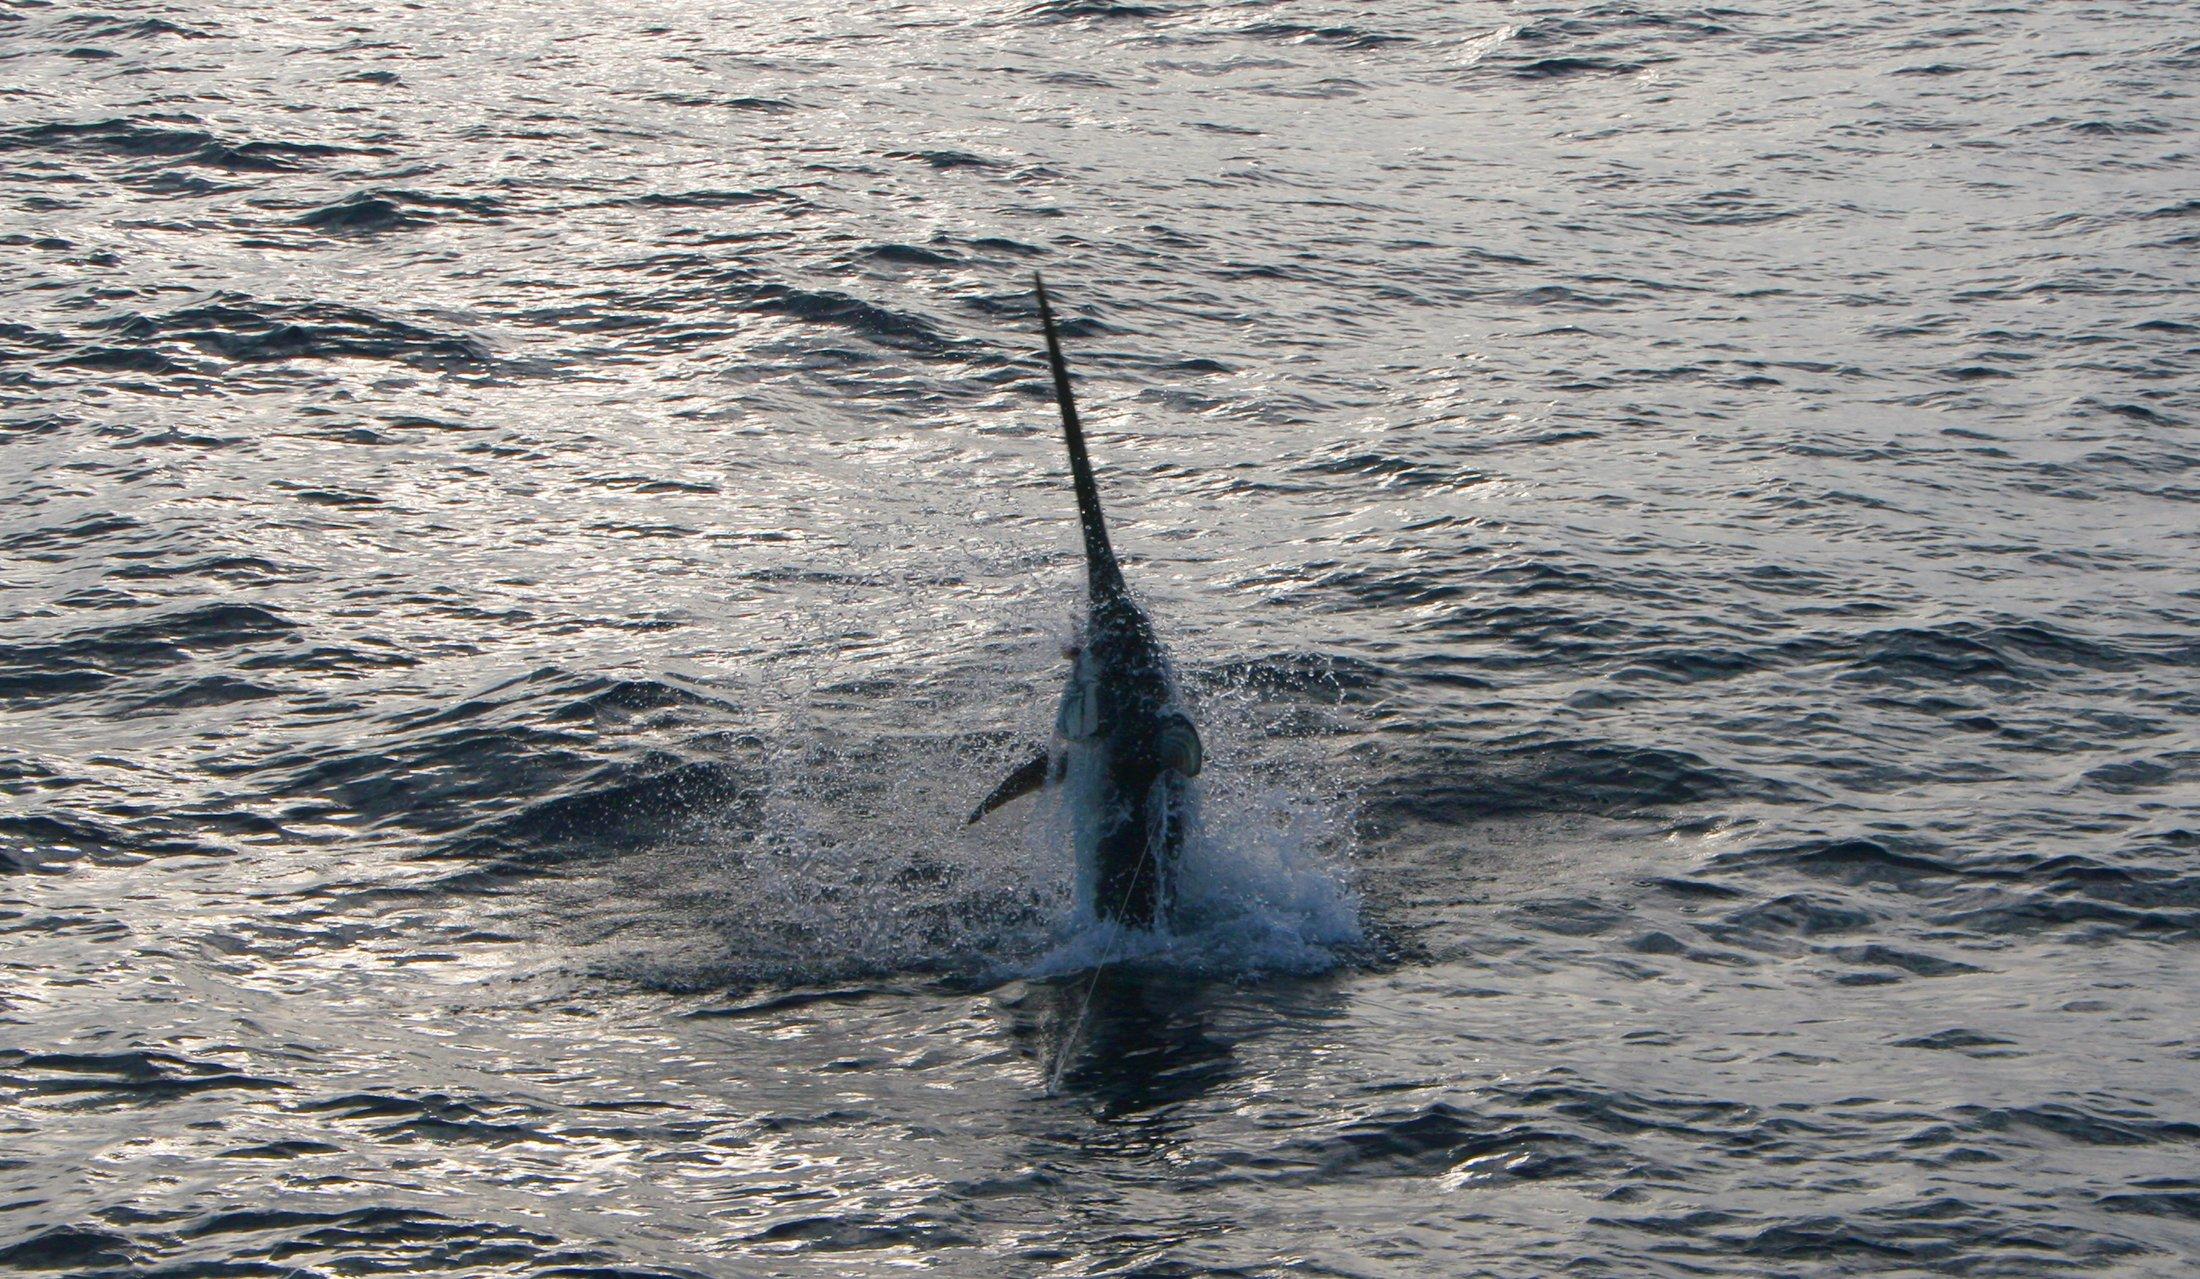 swordfish-jump-islamorada.jpg